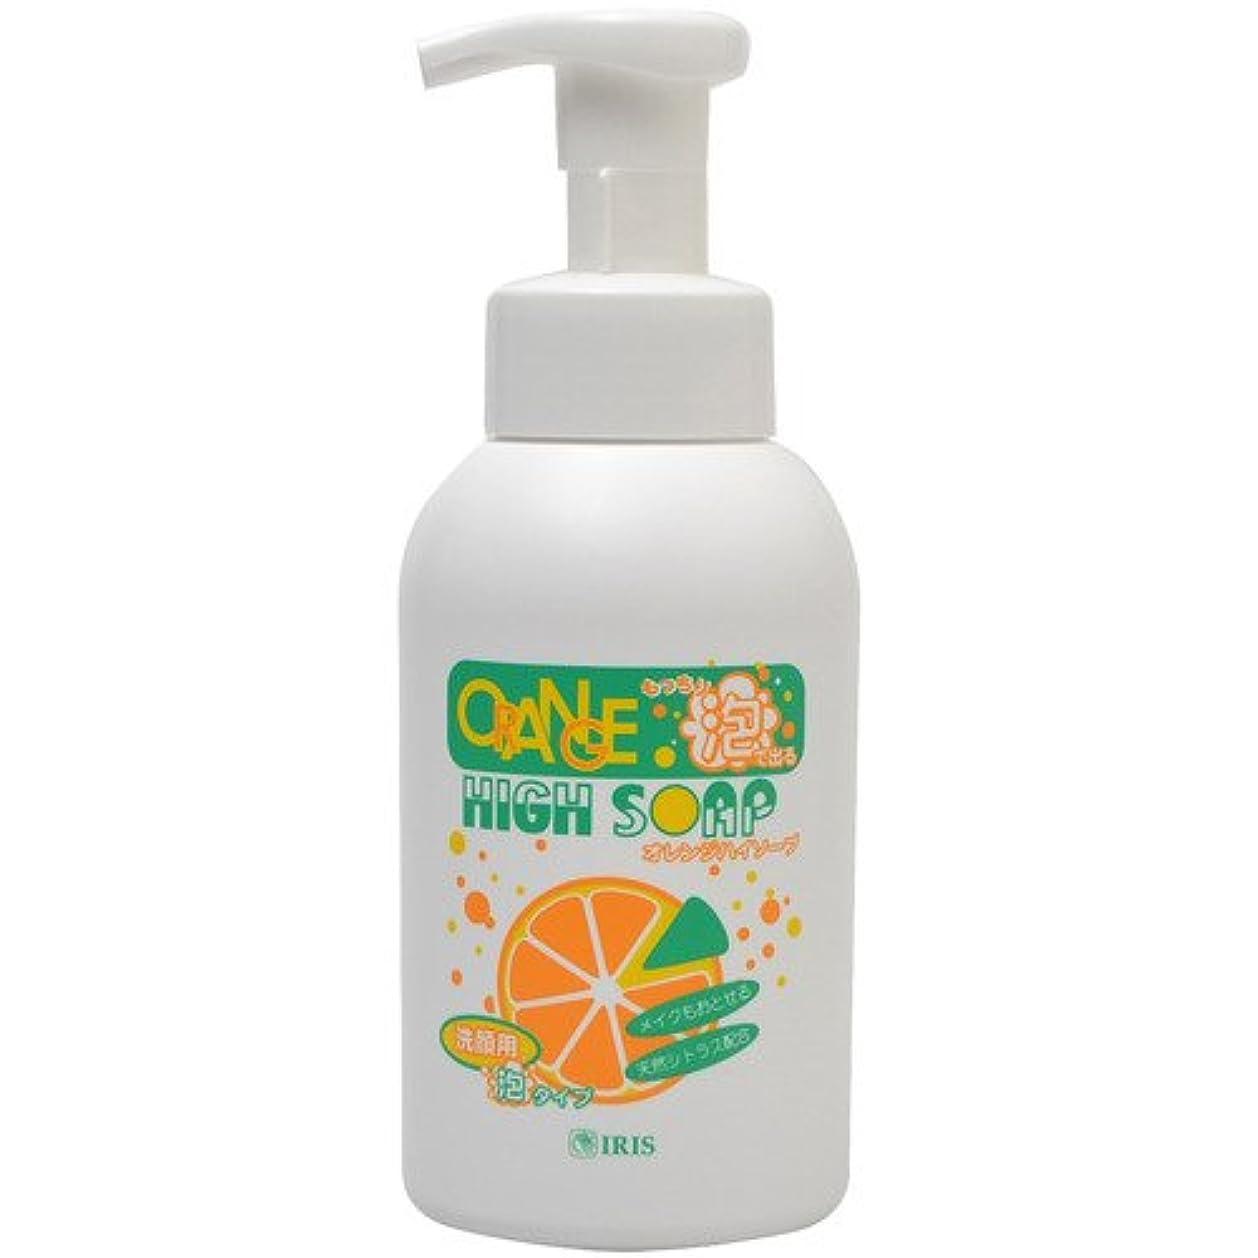 崖排出可愛いオレンジハイソープ 洗顔用 泡タイプ ポンプ式 400ml